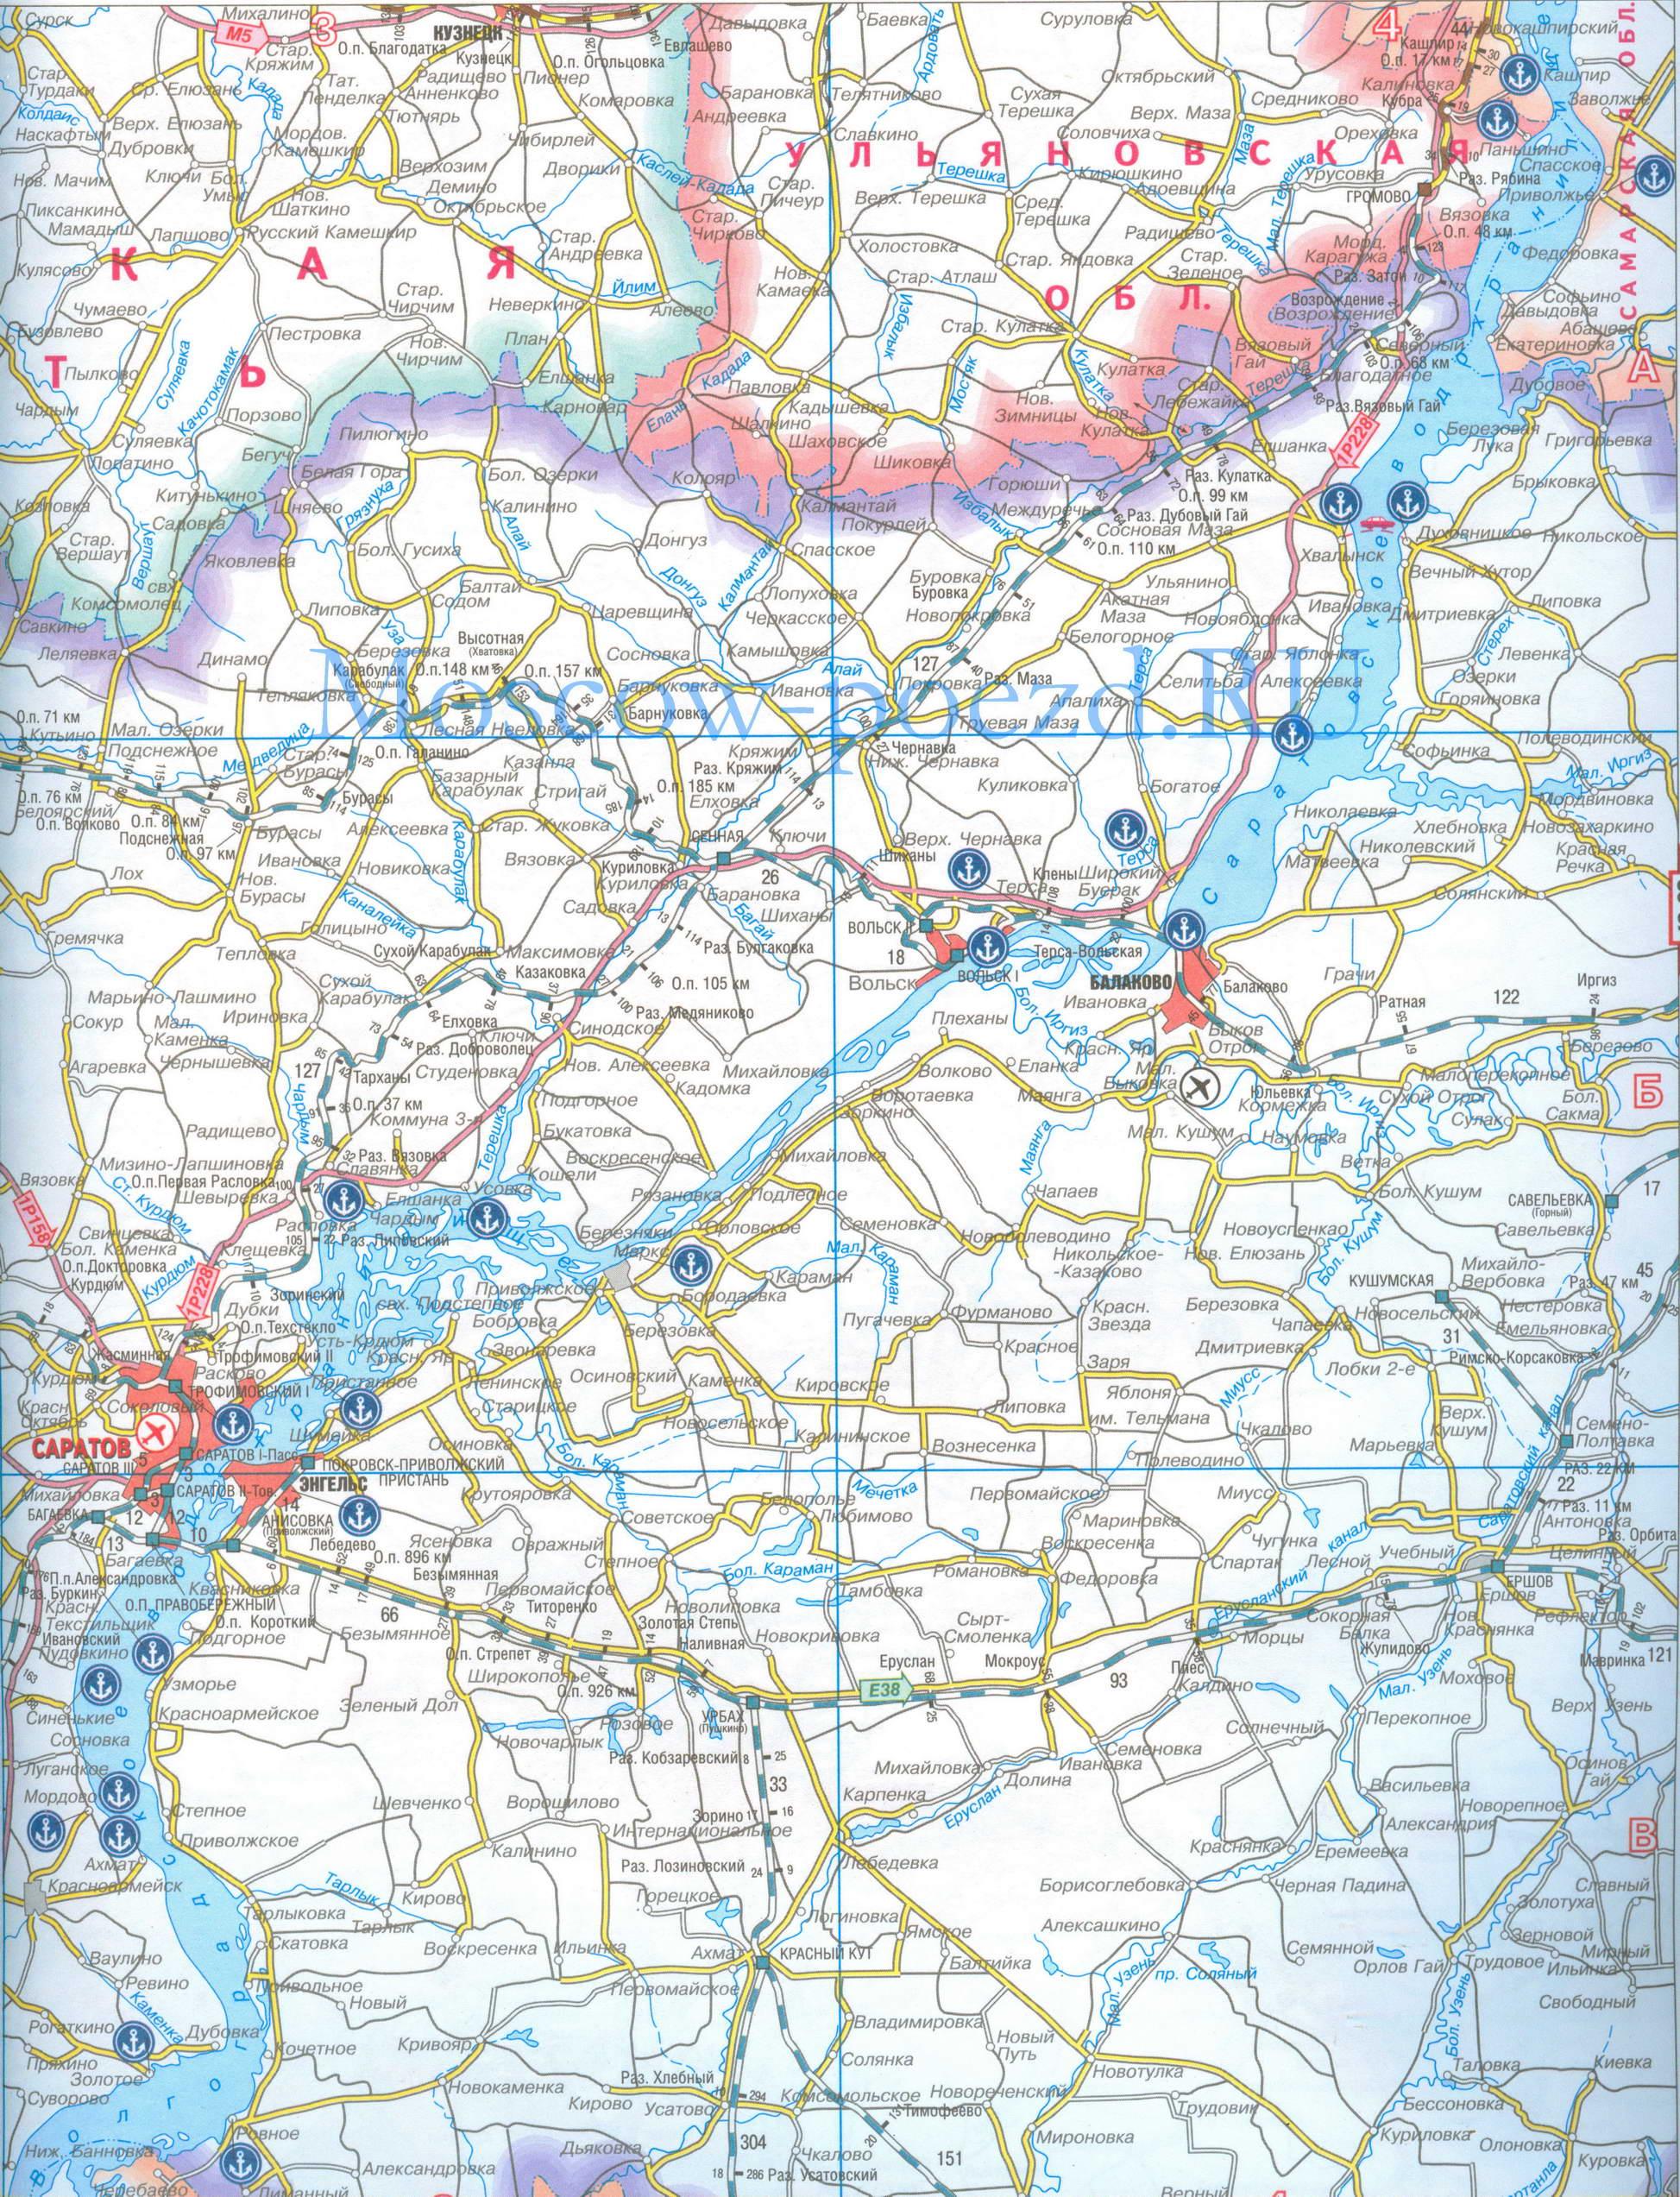 Карта приволжской железной дороги